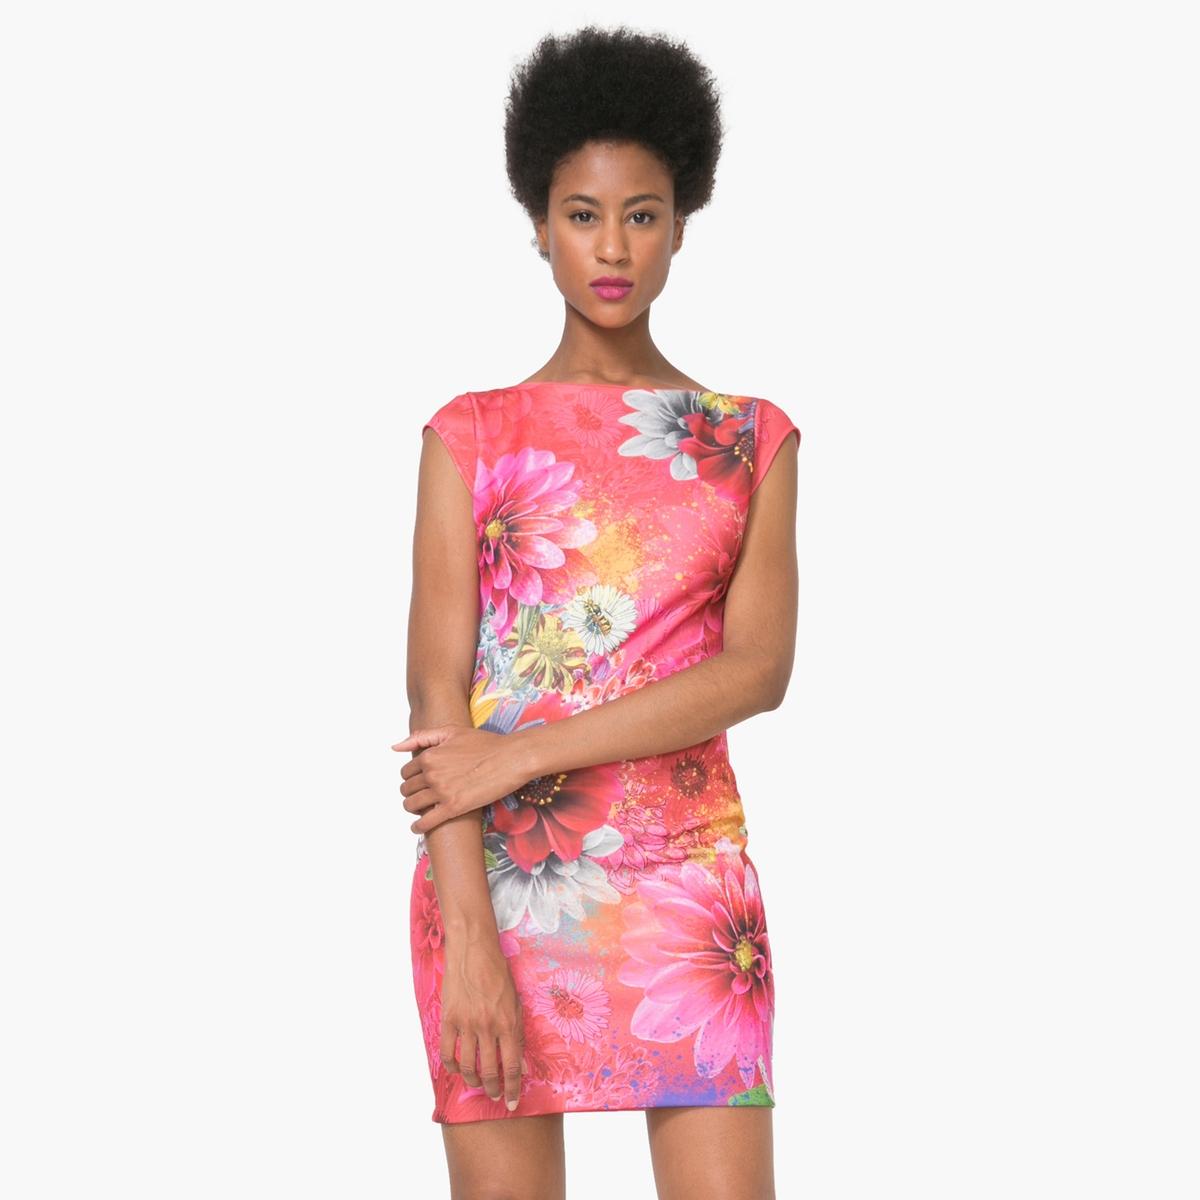 Платье короткое с короткими рукавами с рисункомМатериал : 3% эластана, 97% полиэстера  Длина рукава : короткие рукава  Форма воротника : круглый вырез Покрой платья : платье облегающего покроя Рисунок : цветочный   Длина платья : короткое<br><br>Цвет: фуксия<br>Размер: M